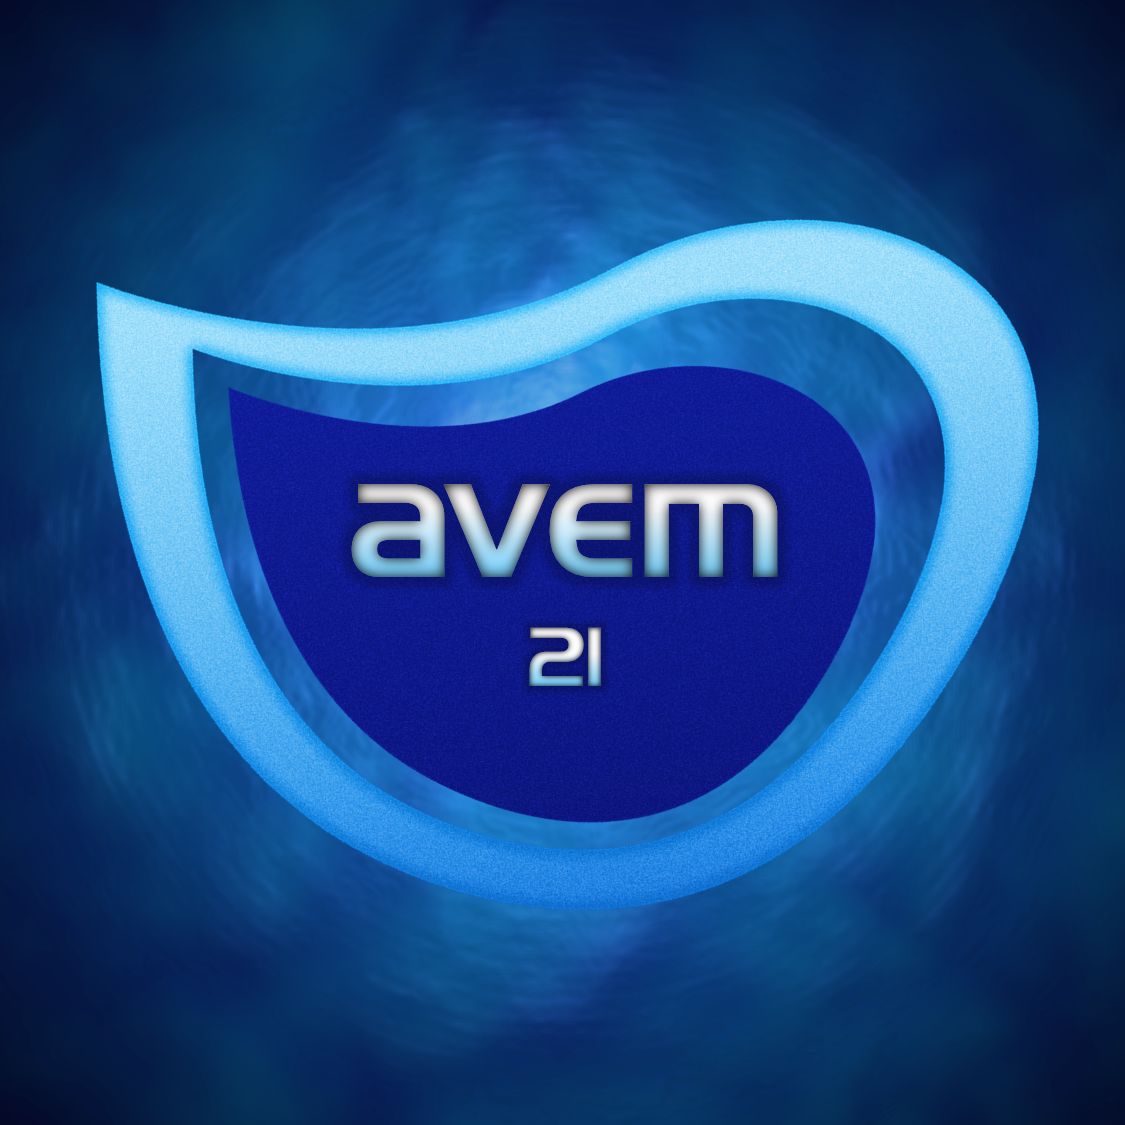 AVEM 21